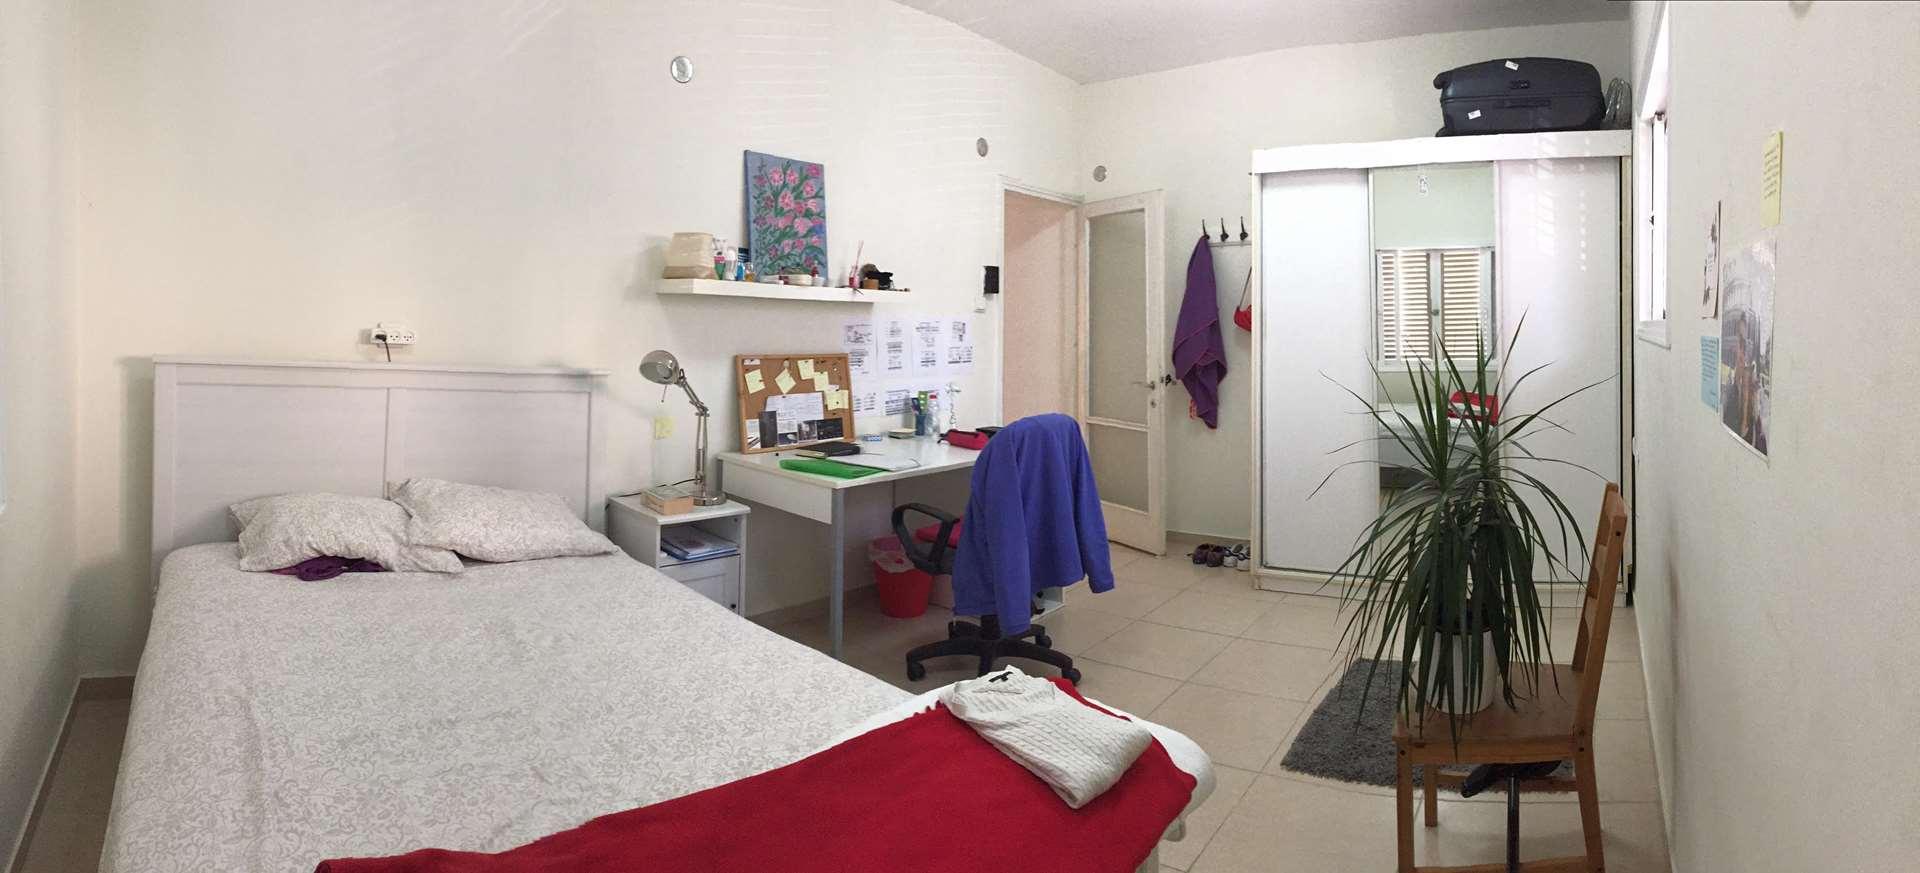 דירה, 1 חדרים, יגאל אלון, הרצליה